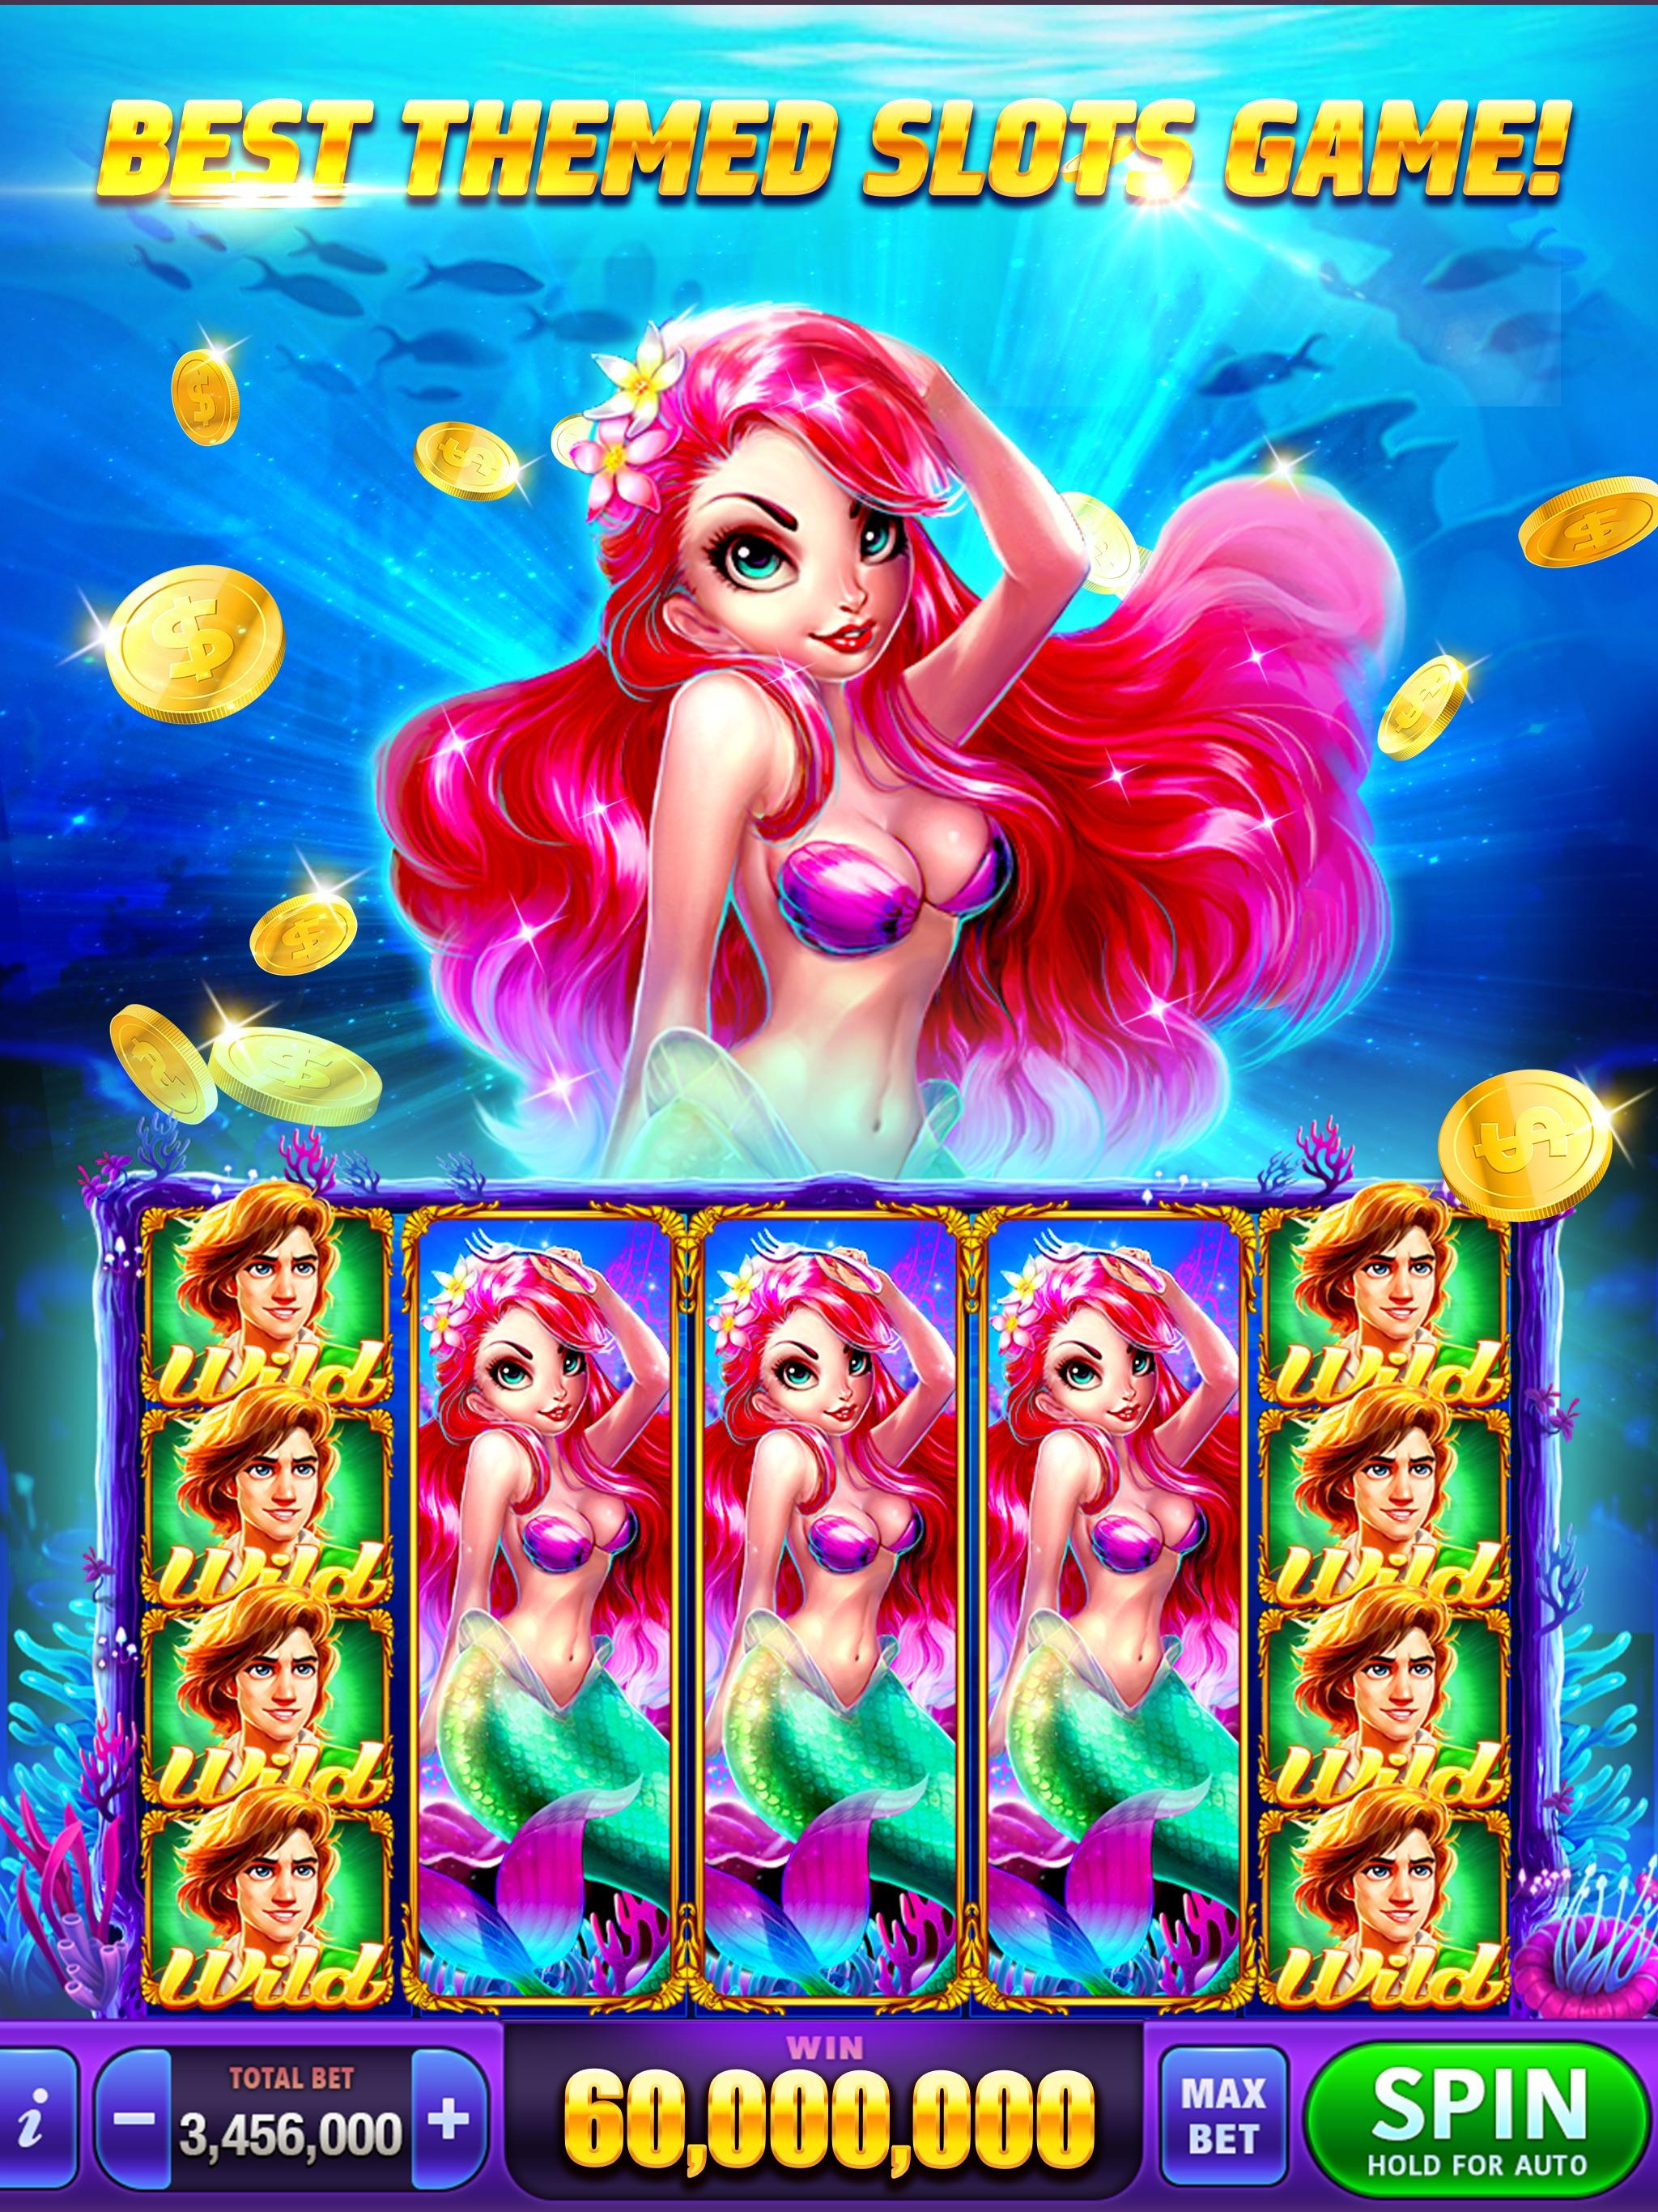 Double Hit Casino Real Money